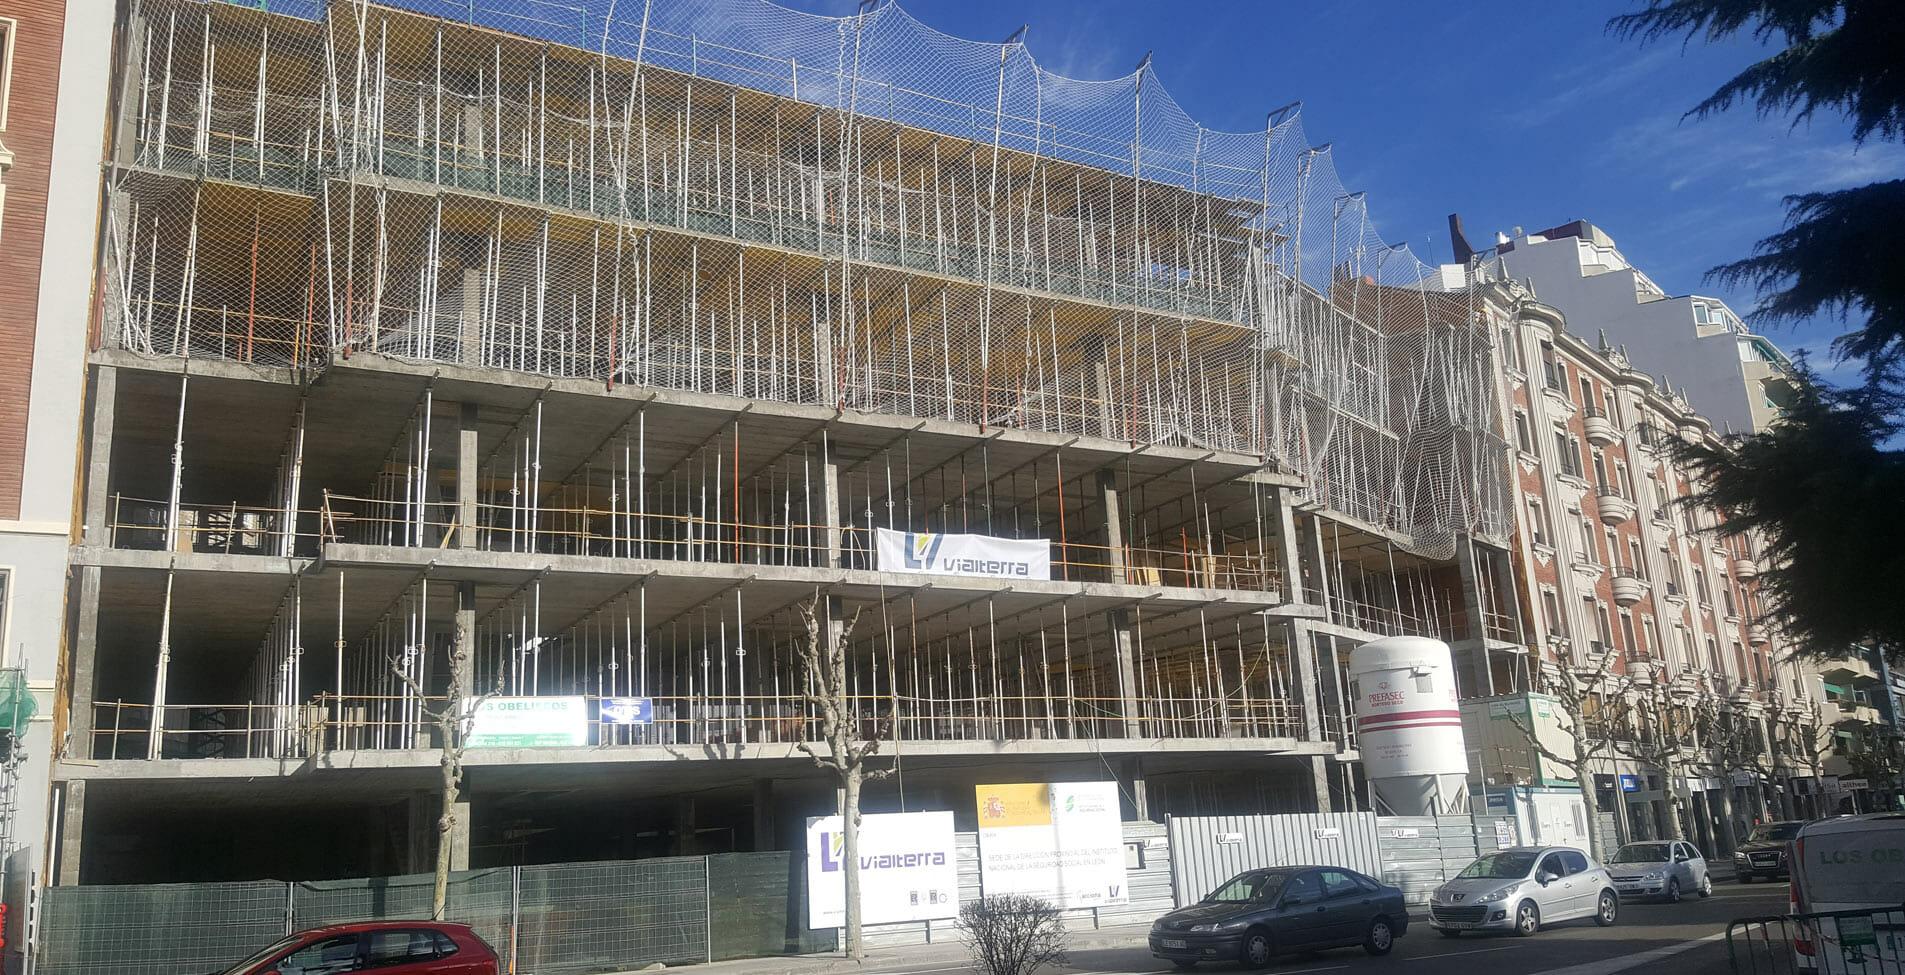 Estructura de hormigón nueva sede INSS en León